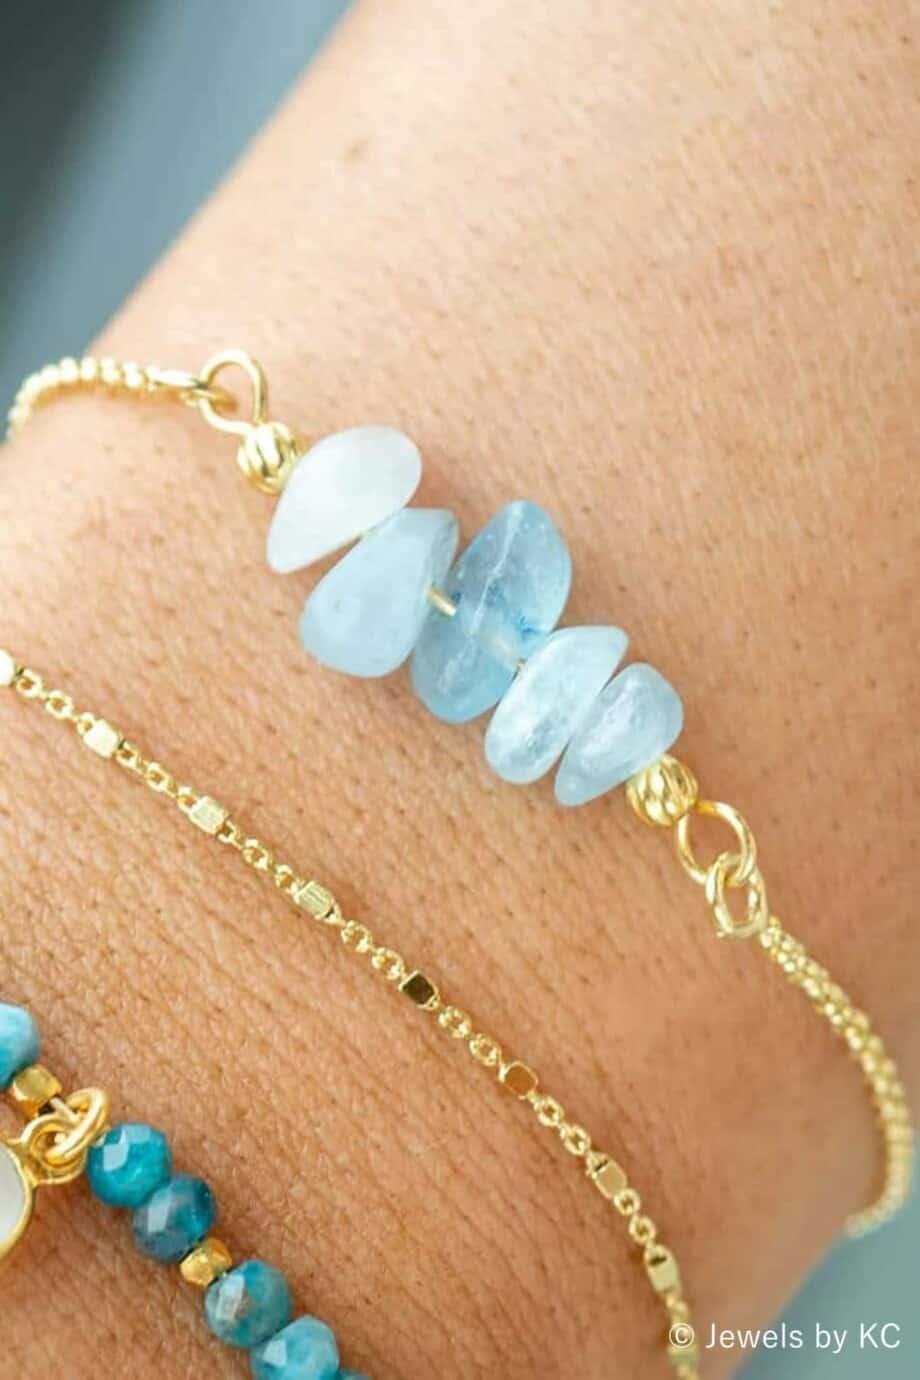 Gouden armband met blauw Aquamarijn edelsteentjes van Goud op Zilver